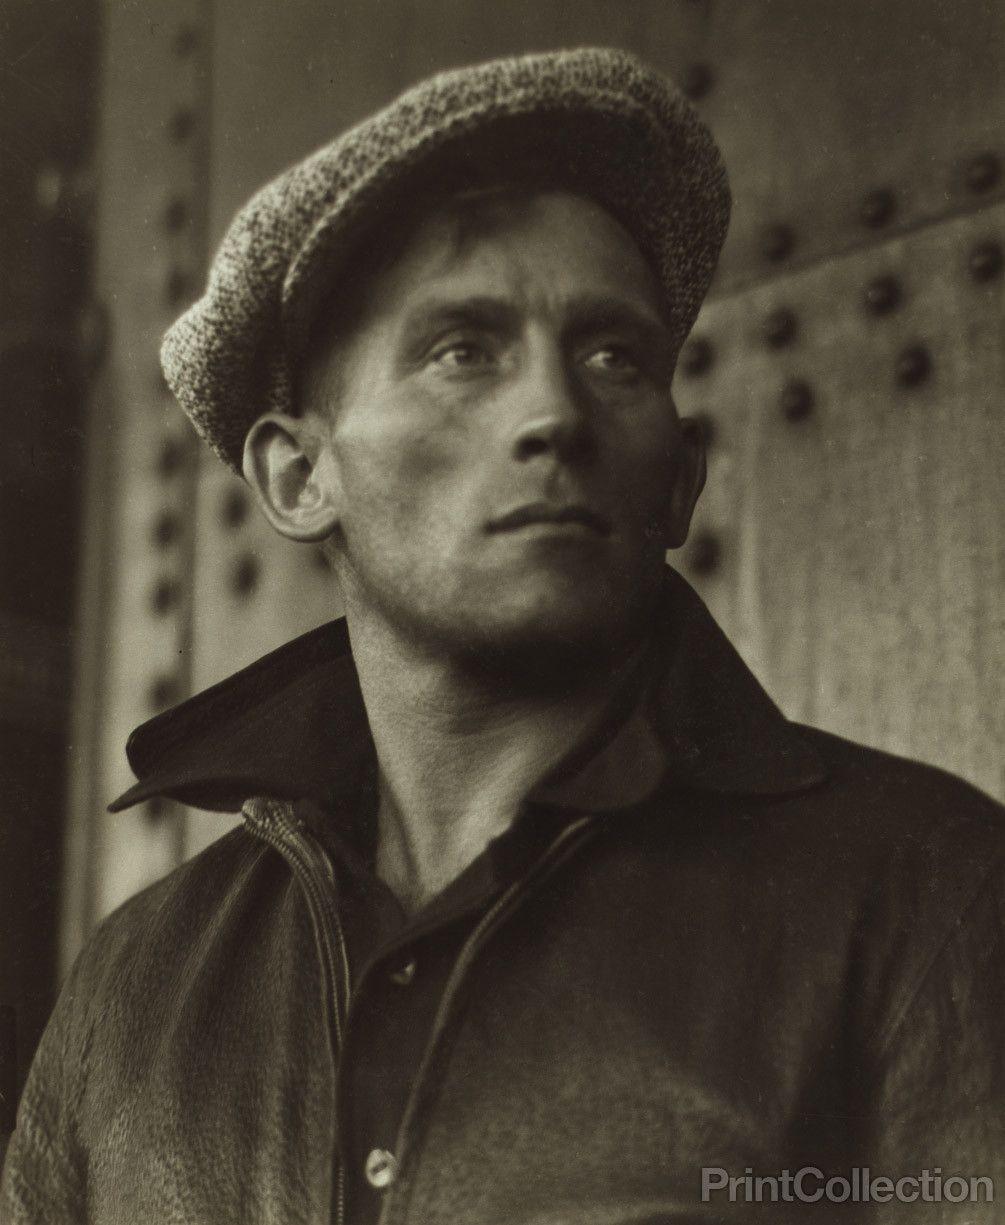 Young Man Wearing Cap By Dorothea Lange Fotografía De Hombres Fotografía Para Principiantes Fotografía Retratos